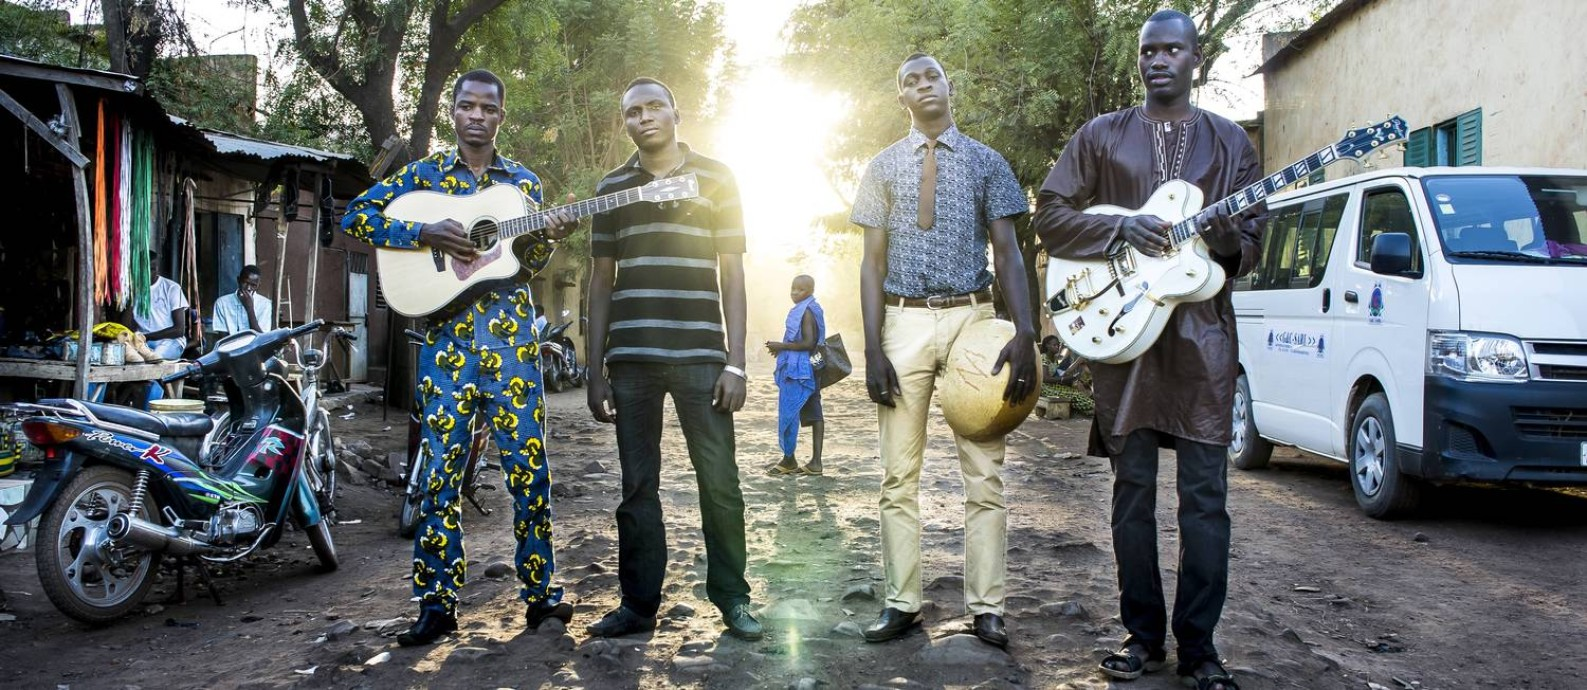 O grupo Songhoy Blues, do Mali, que se apresenta no MIMO em Paraty Foto: Andy Morgan / Divulgação